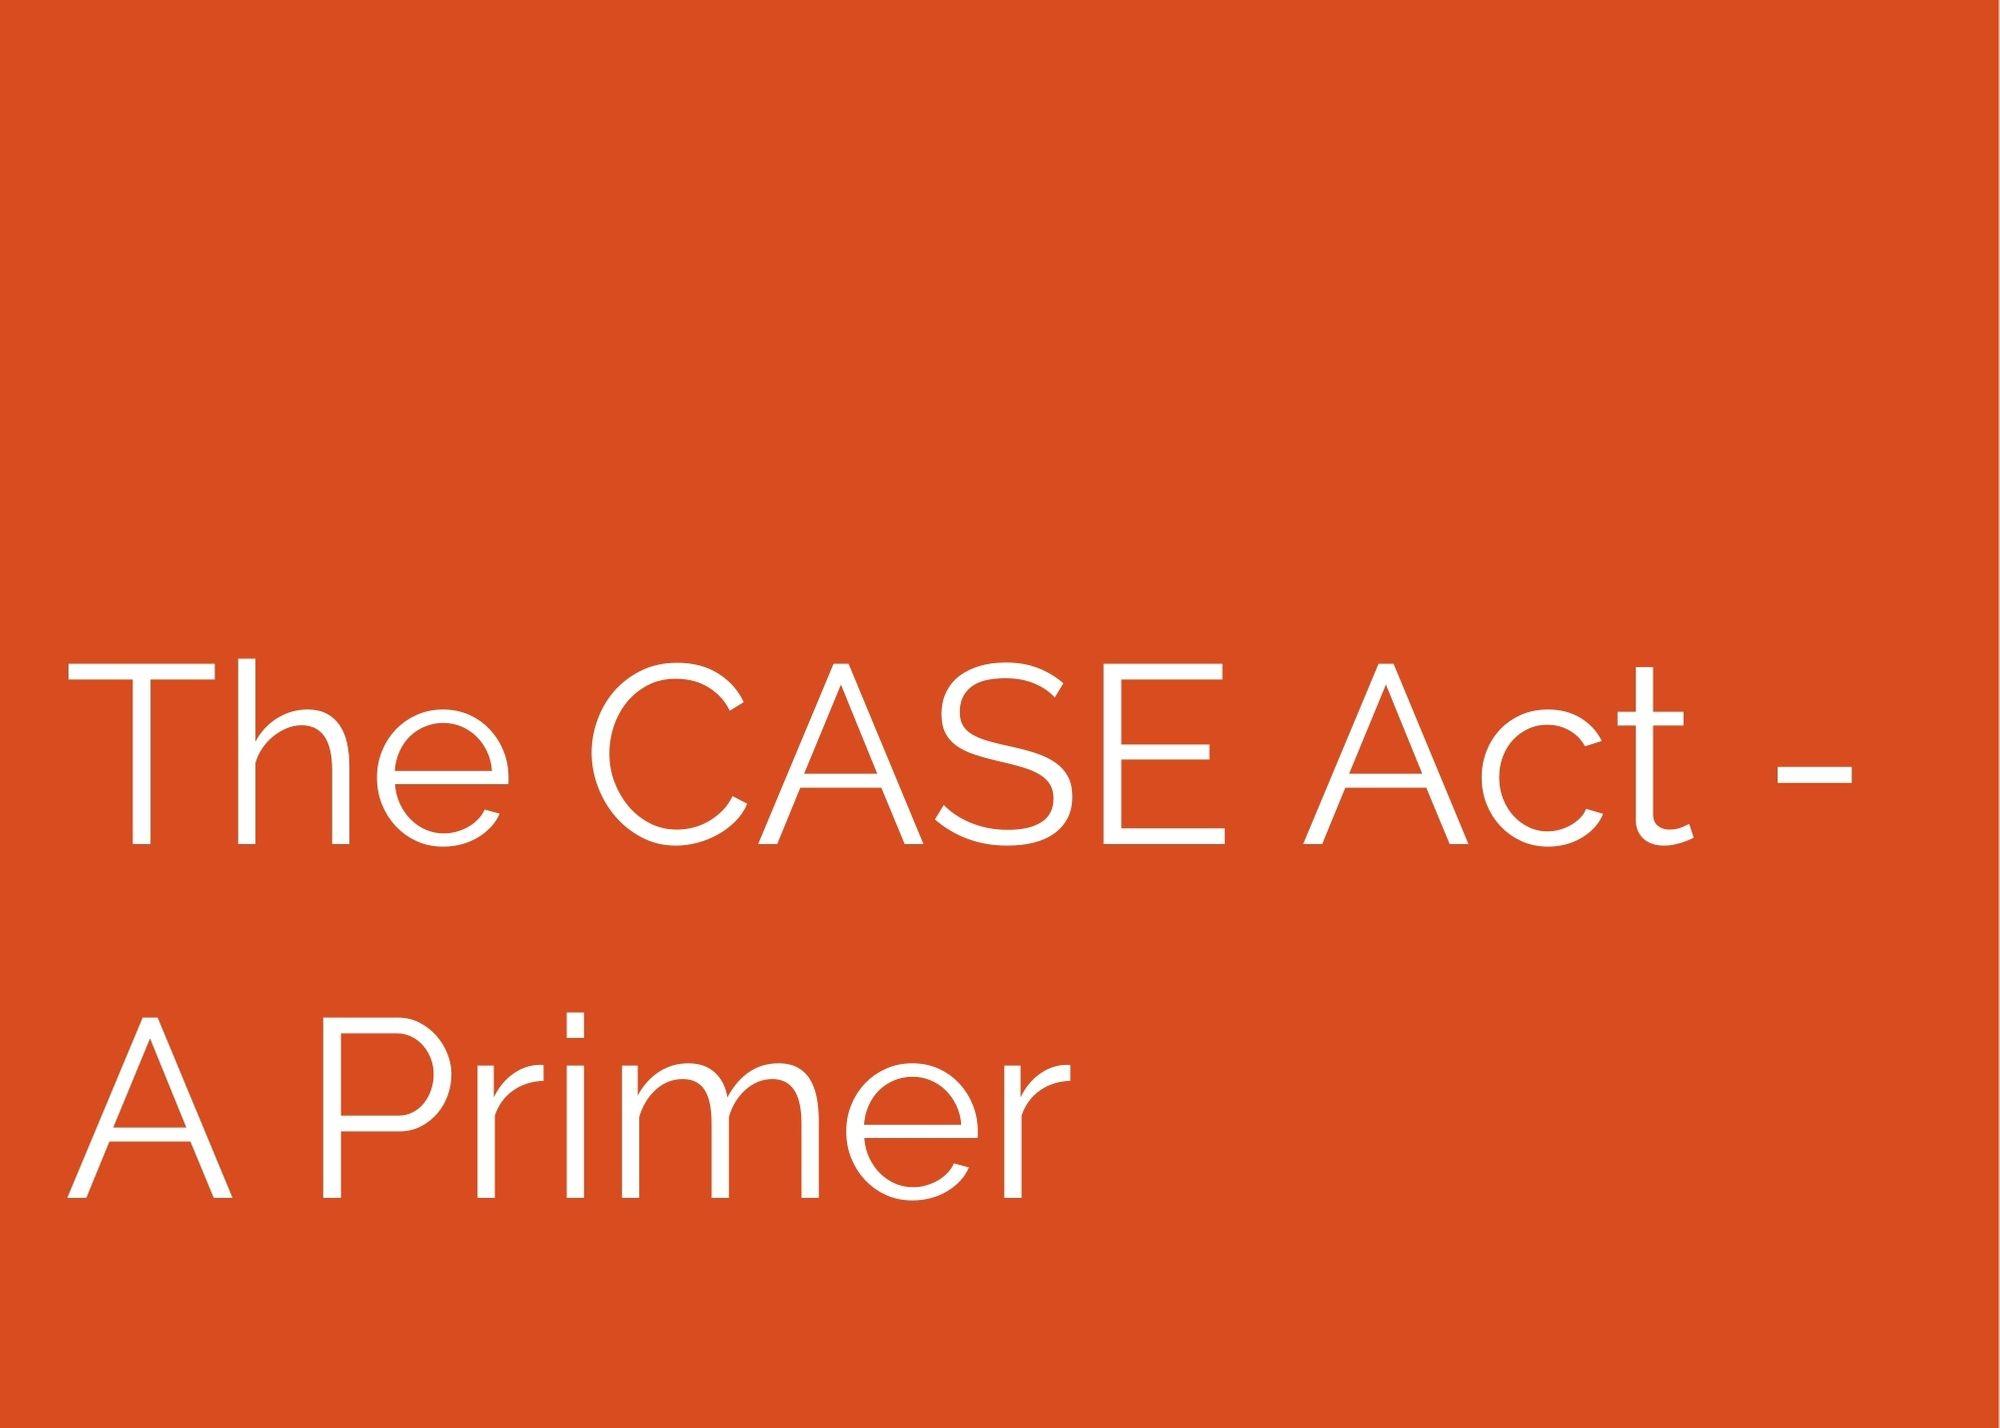 The CASE Act – A Primer